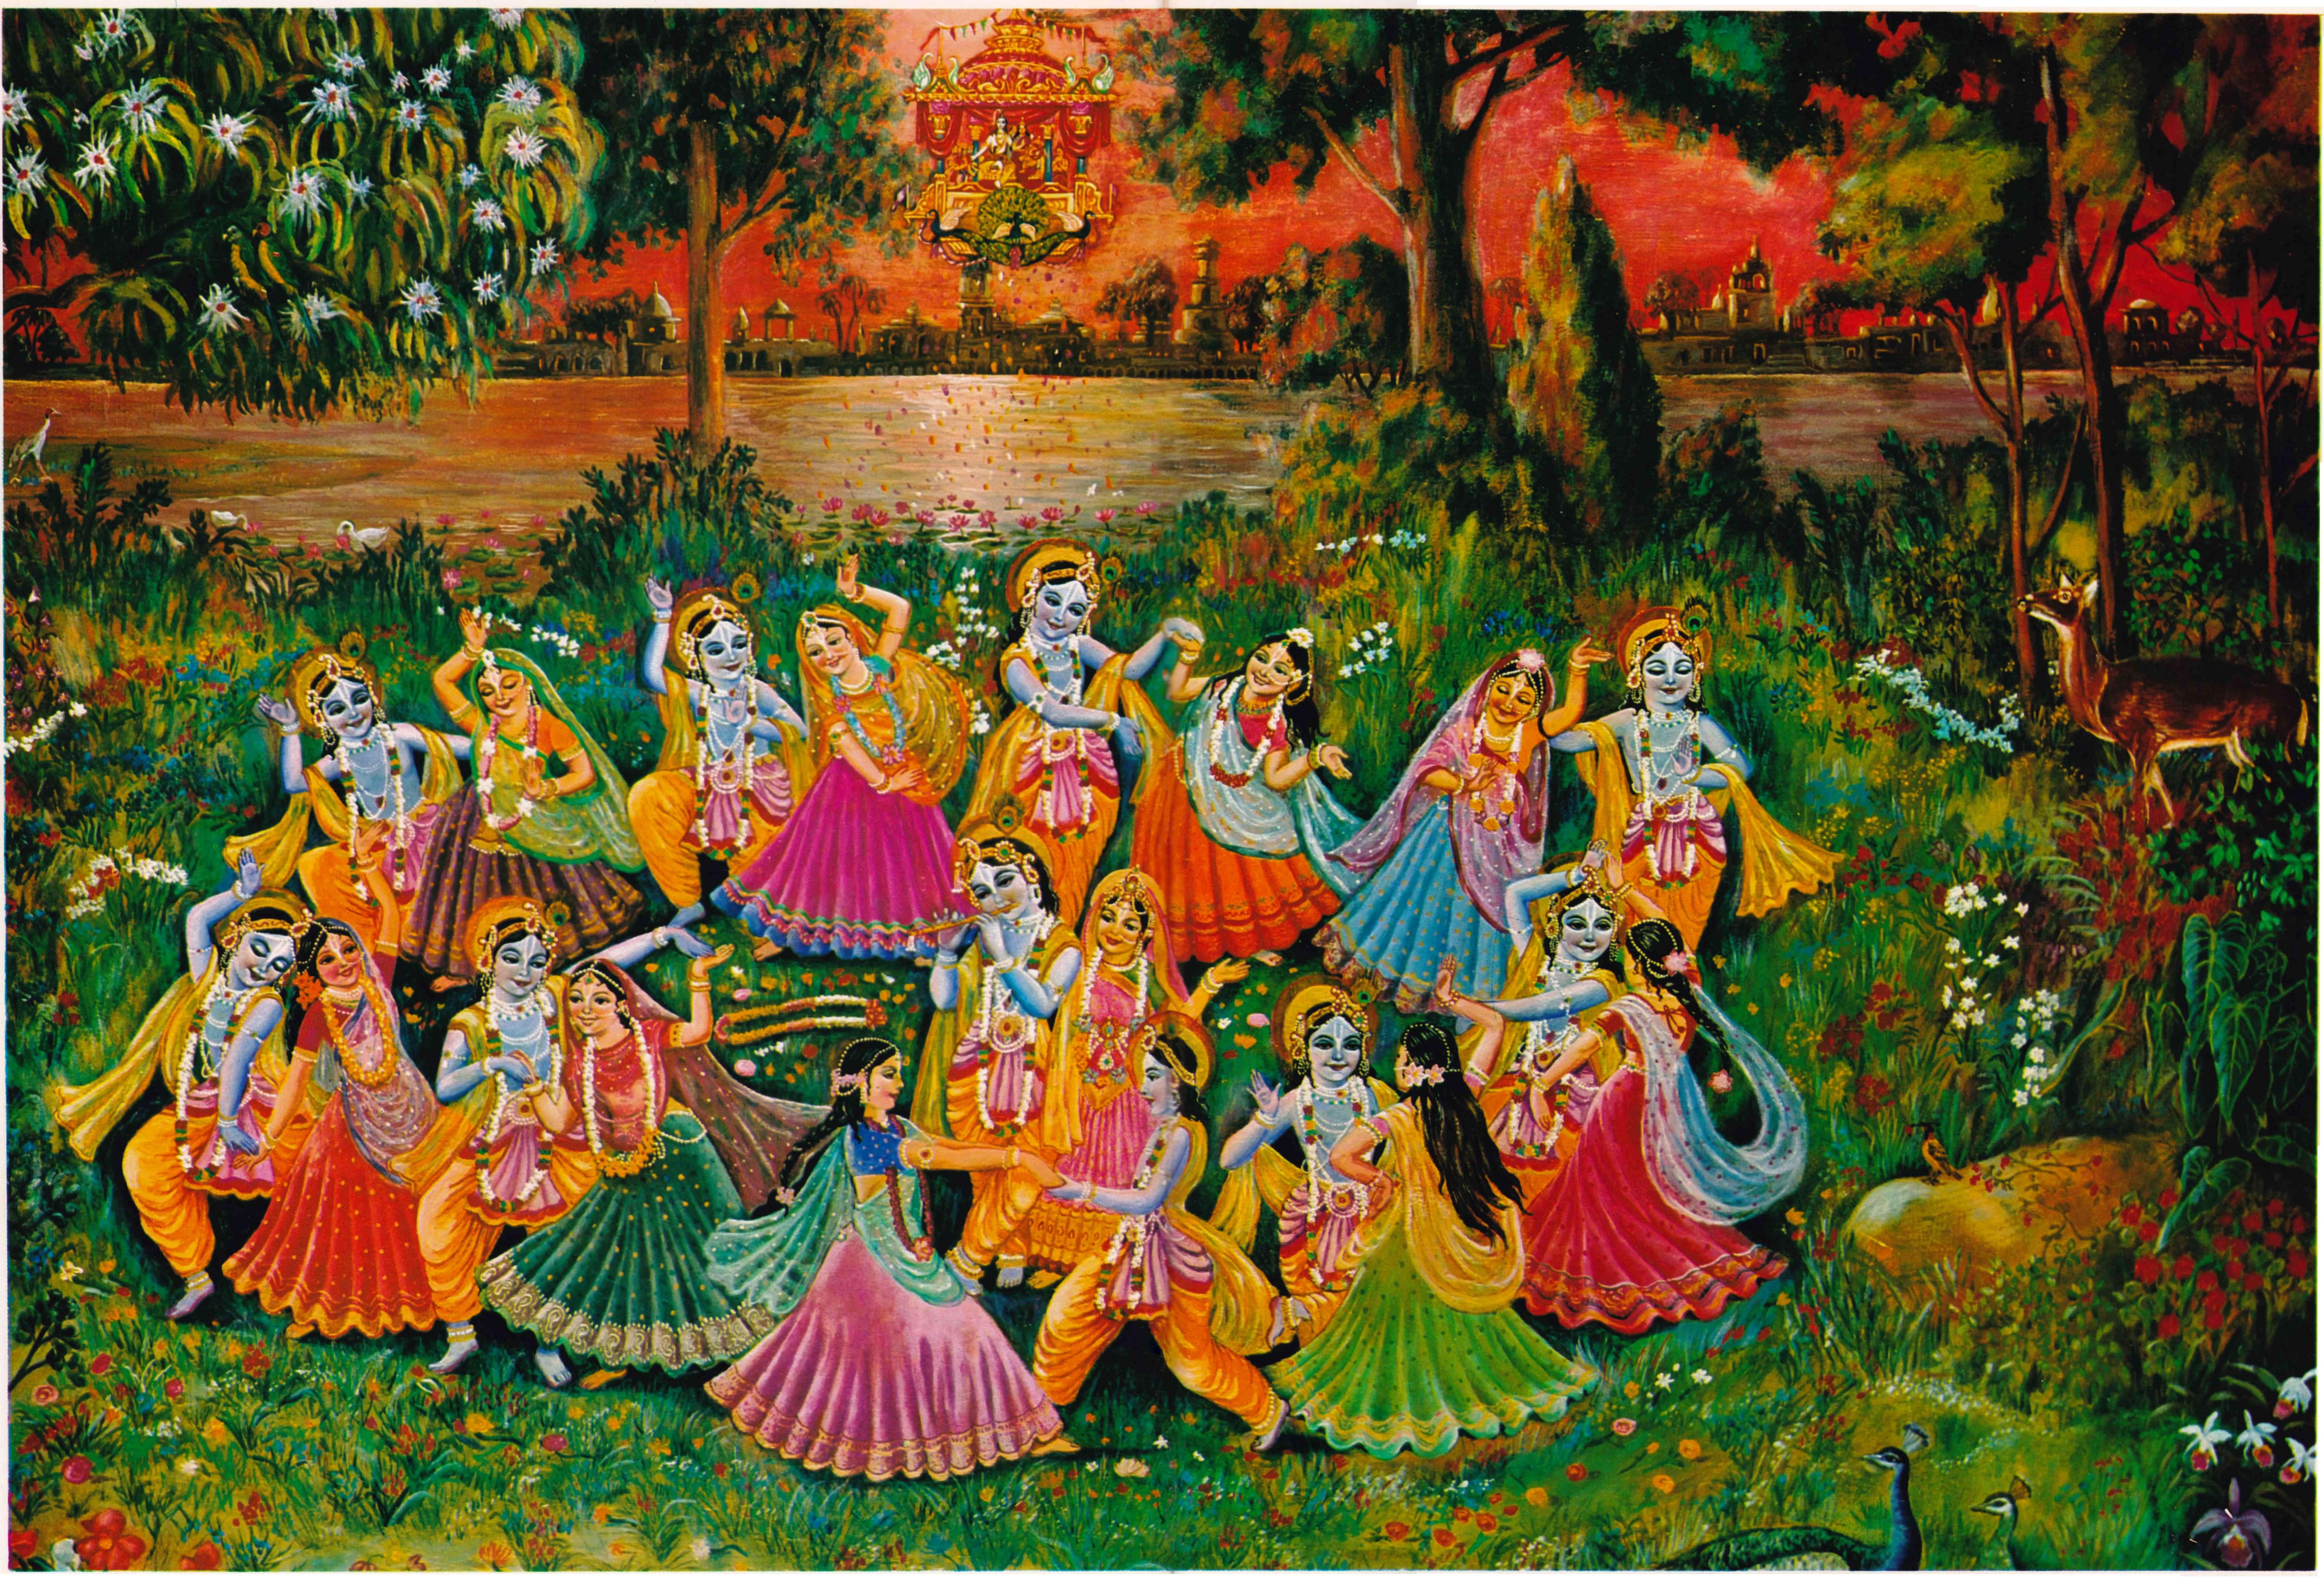 A tánc szerepe Śrī Kṛṣṇa kedvteléseiben